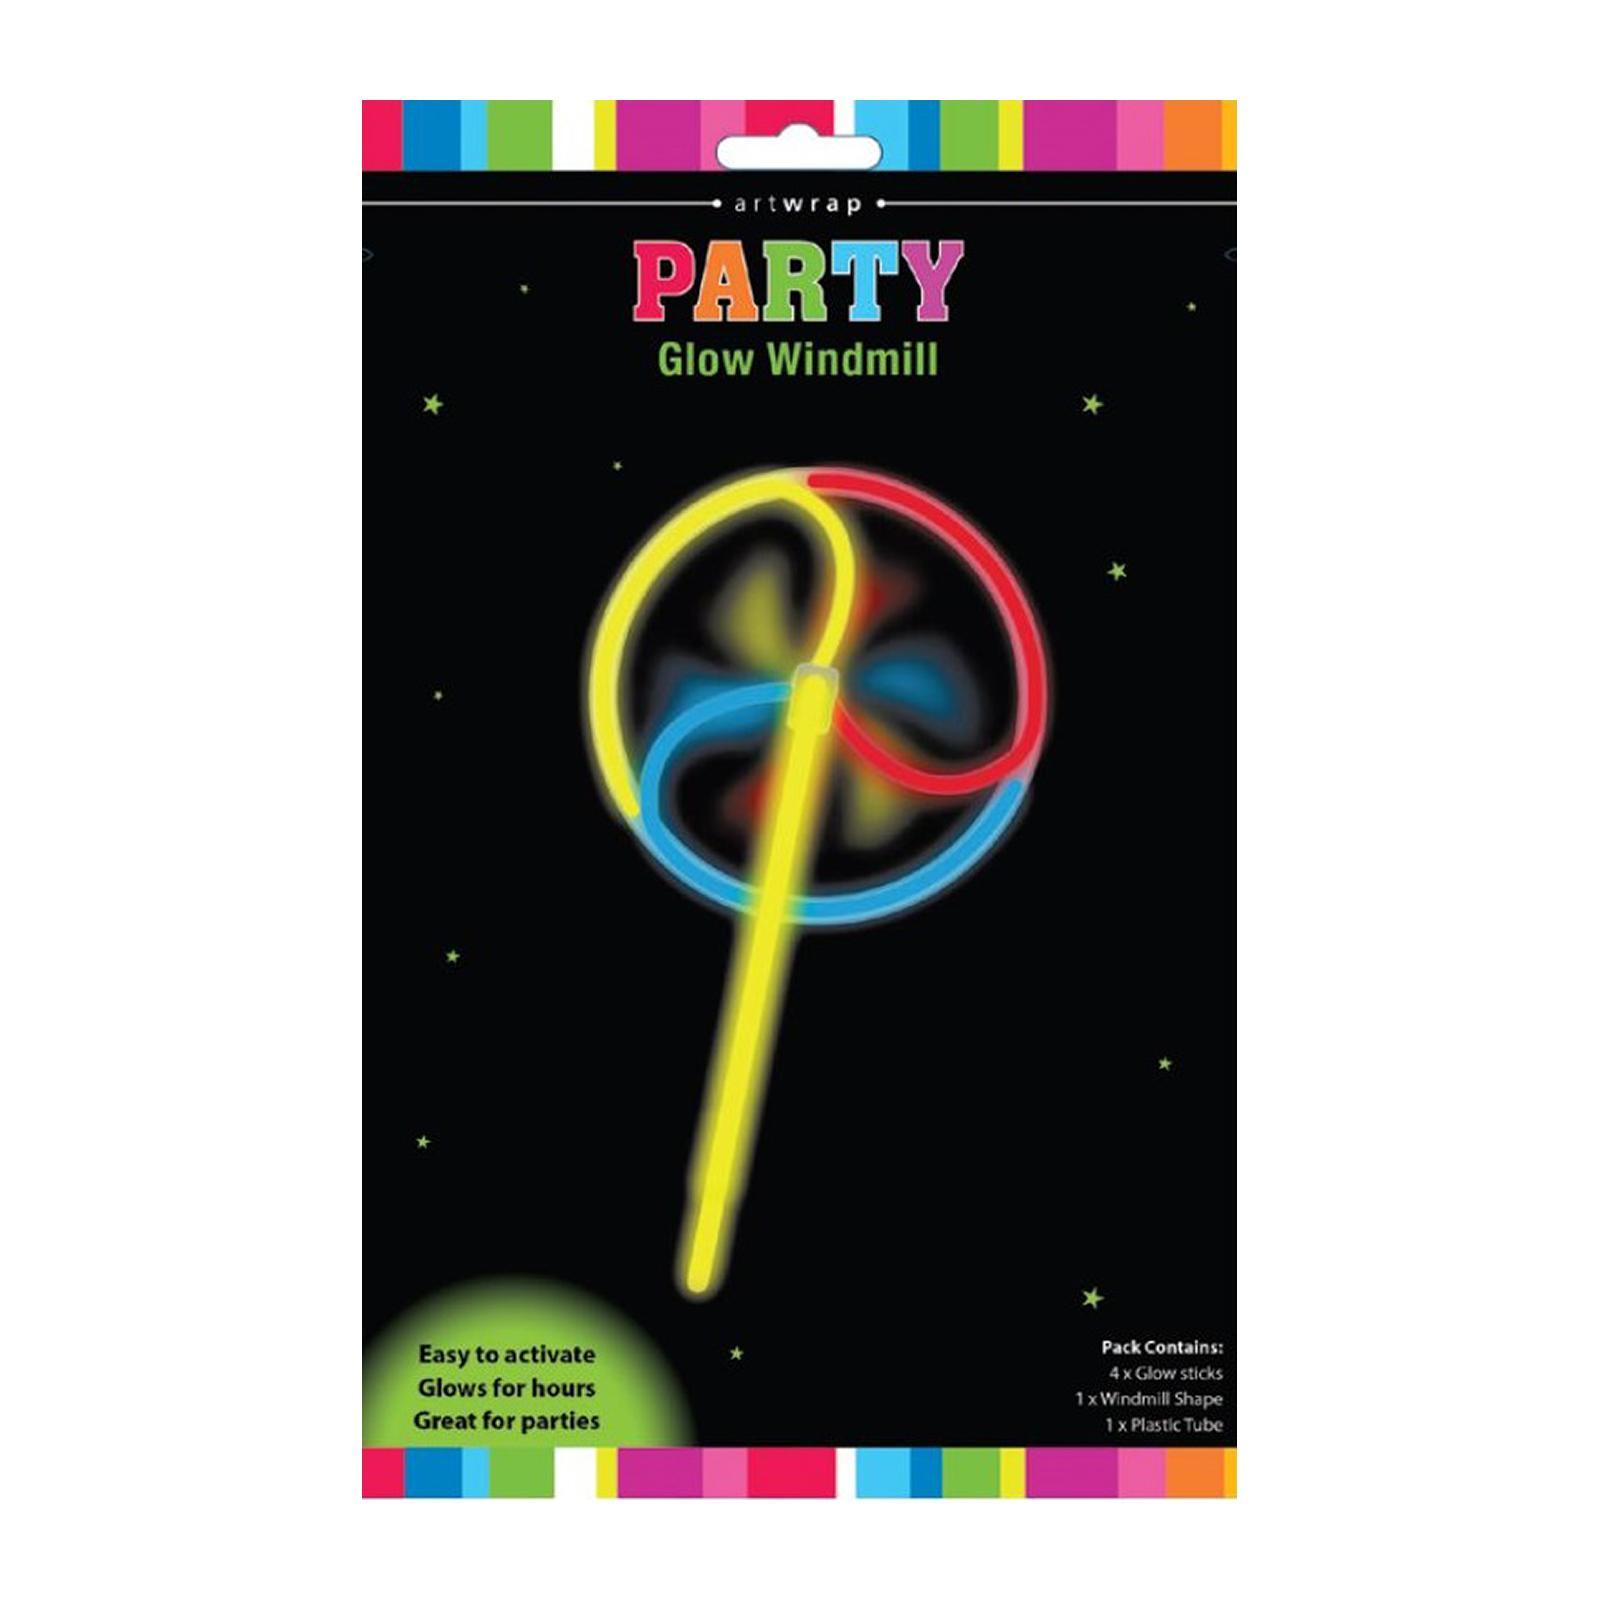 Artwrap Party Glow Windmill